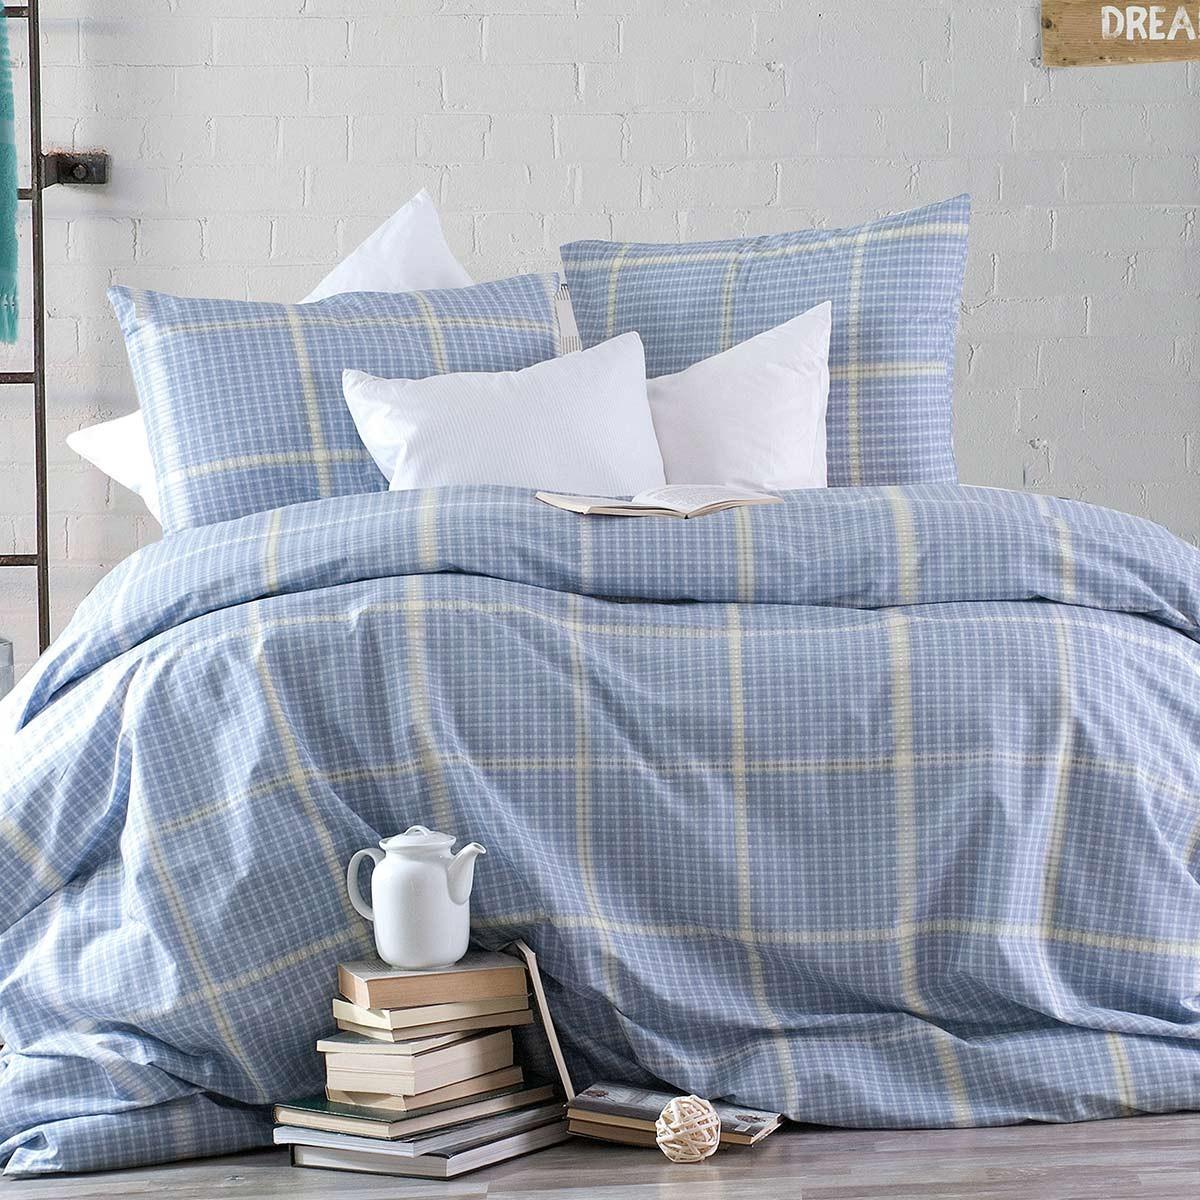 Παπλωματοθήκη Υπέρδιπλη (Σετ) Rythmos Nova Flanagan Blue